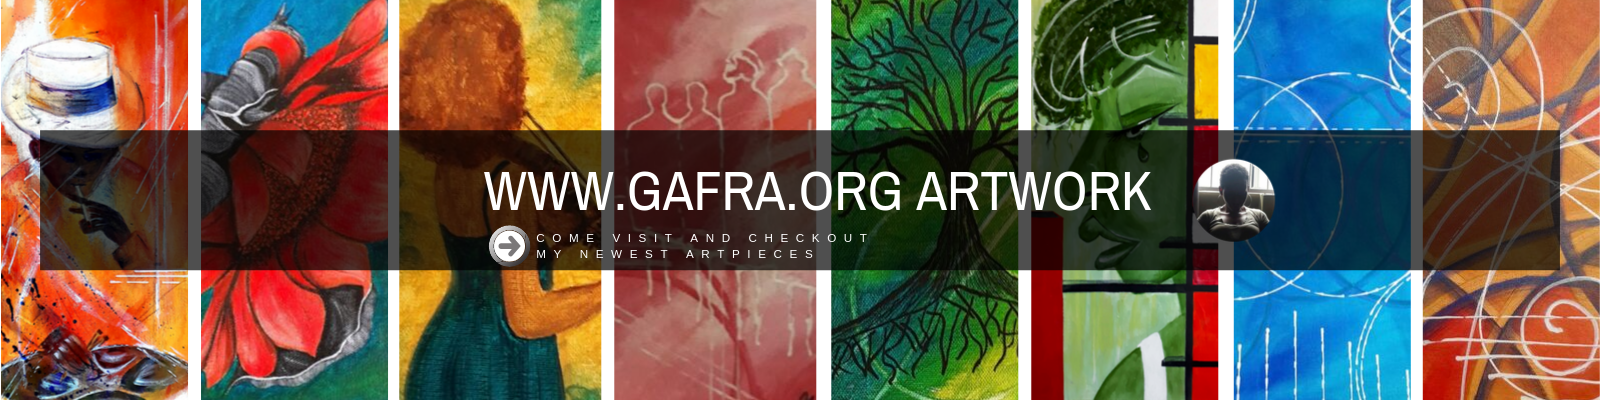 Gafra Banner - Art 1600x400.png